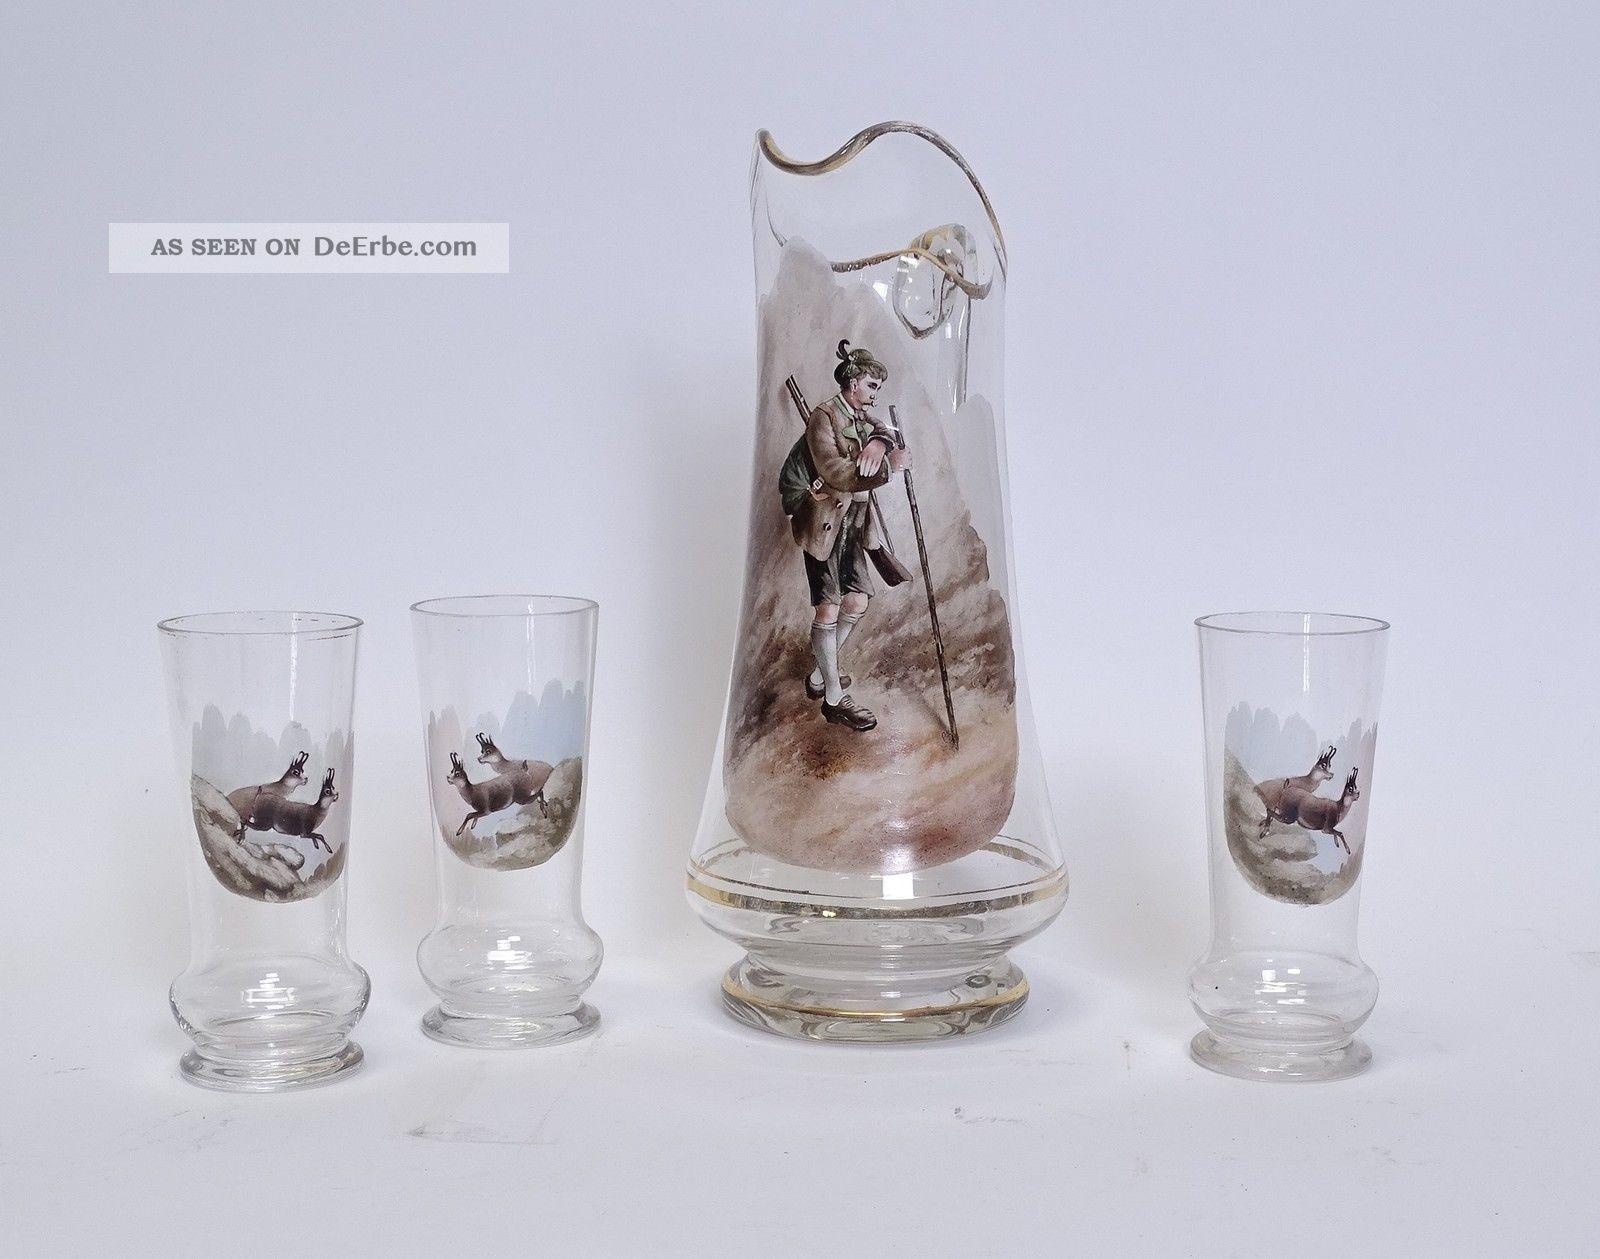 Antike Glas Schnenkkanne Motiv Förster Mit 3 Gläsern Mit Gämsen Gams Um 1900 Jagd & Fischen Bild